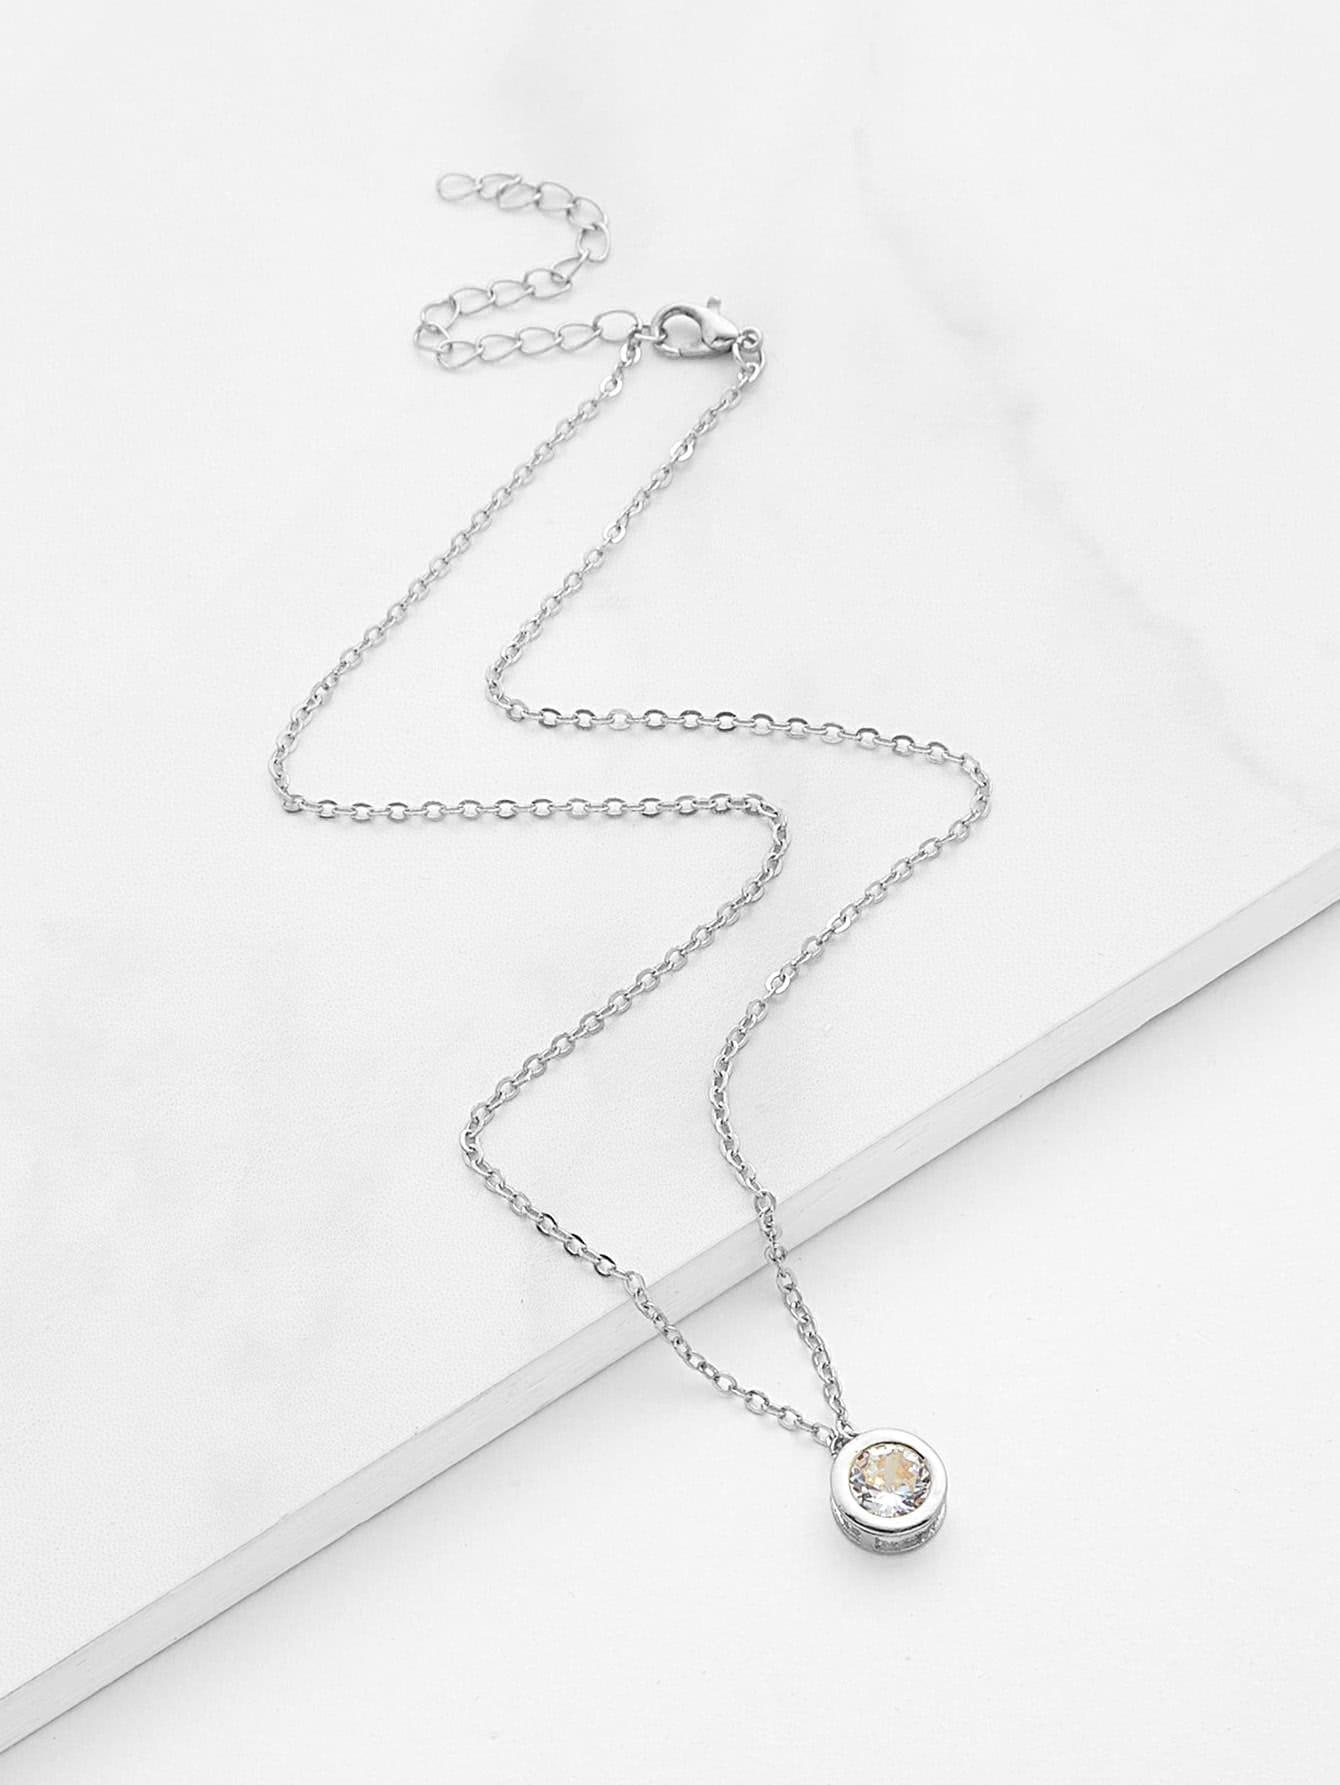 Gemstone Round Pendant Chain Necklace